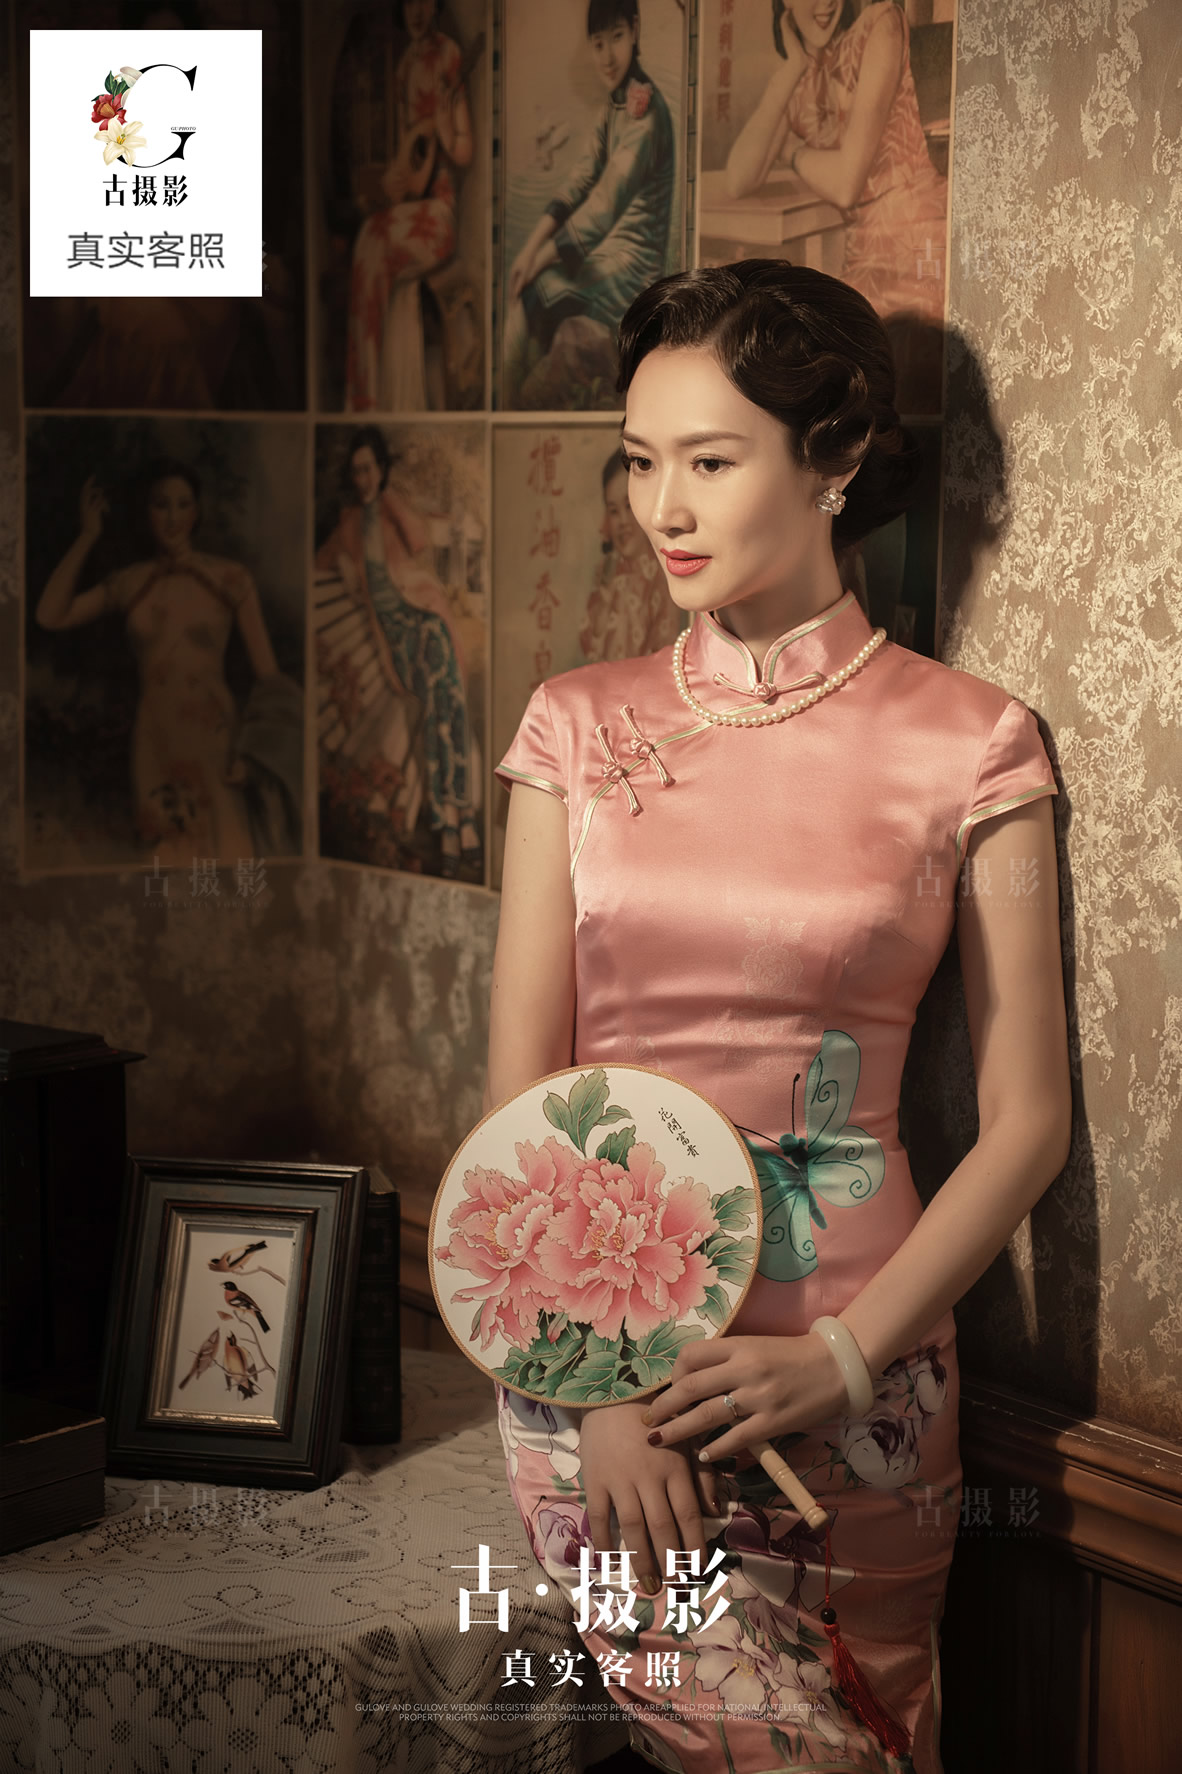 10月16日客片黄小姐夫妇 - 每日客照 - 古摄影婚纱艺术-古摄影成都婚纱摄影艺术摄影网